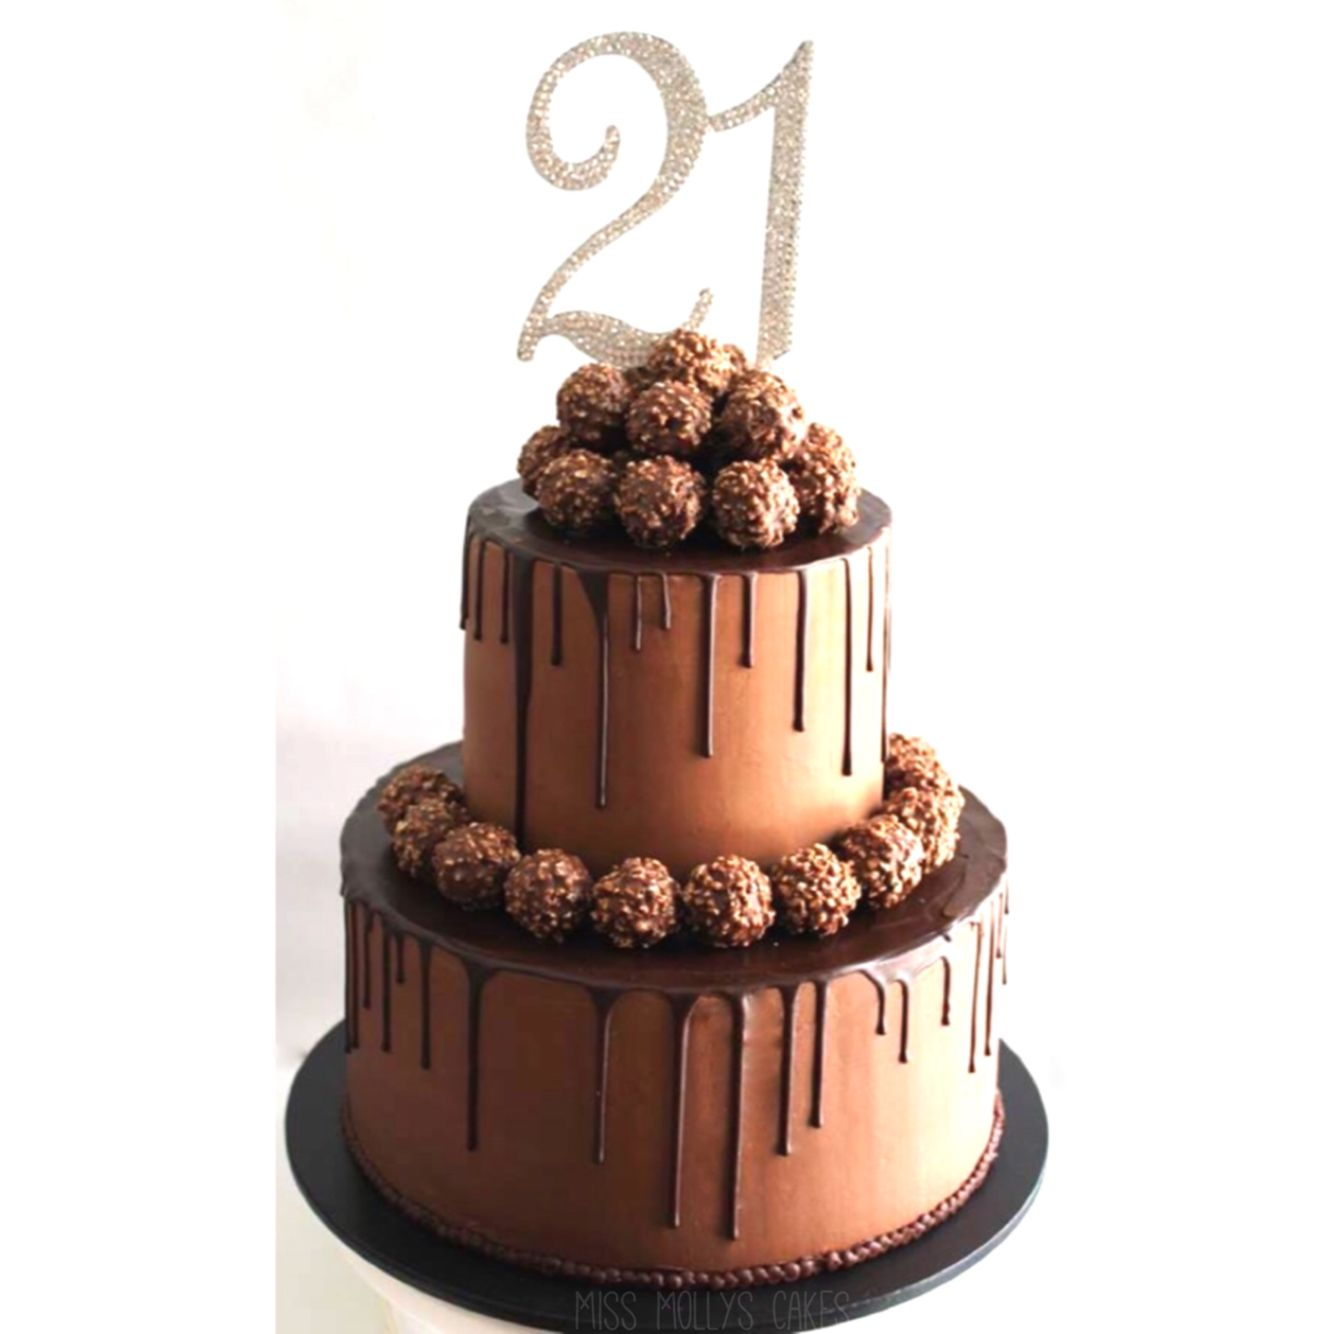 21st Birthday Ferrero Rocher Cake @missmollyscakes ...